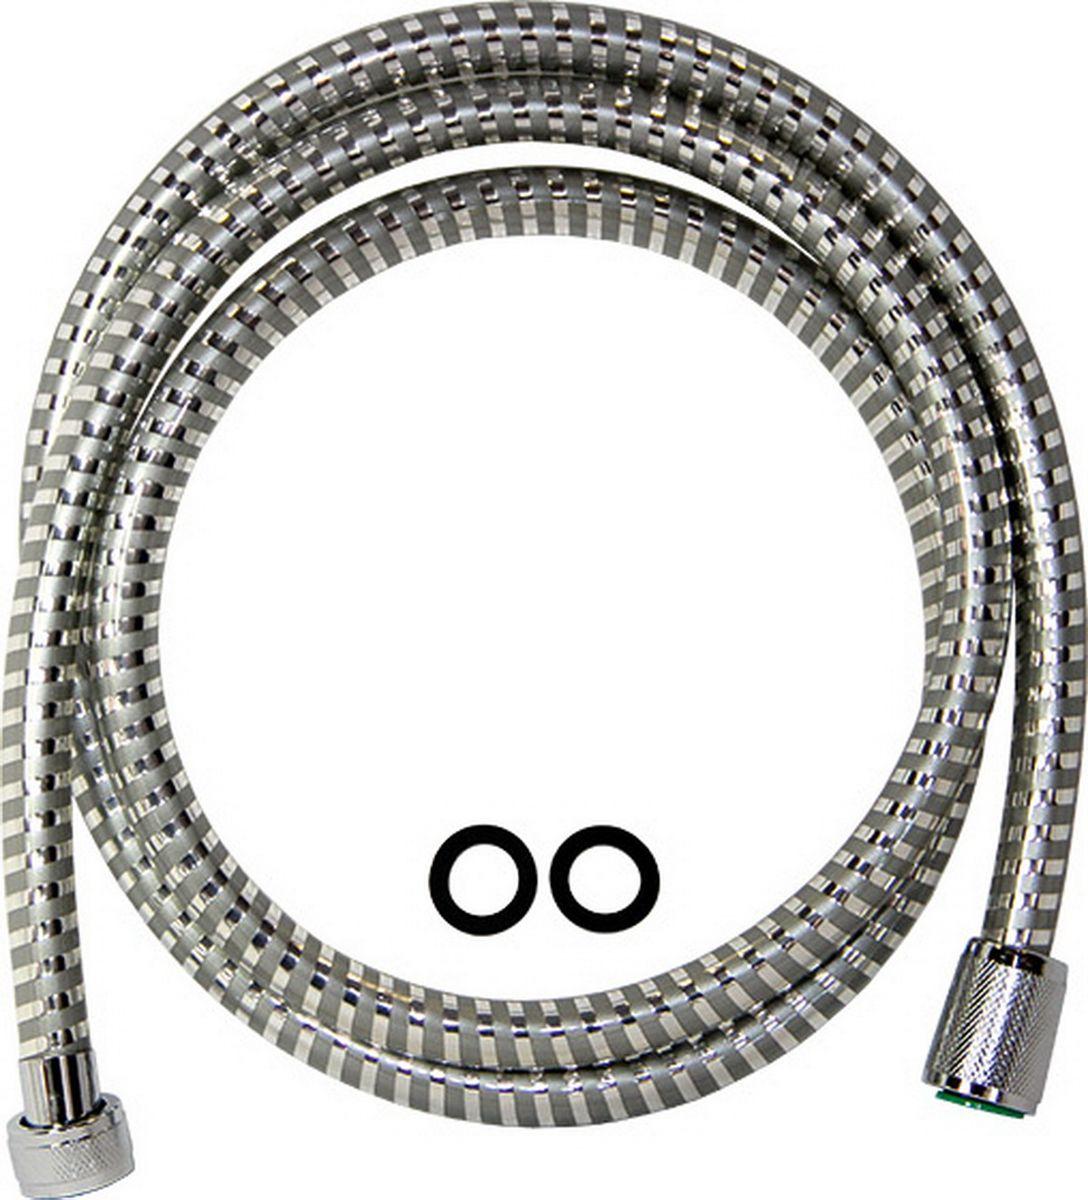 Шланг для душа Argo Еspiroflex, цвет: серый, 165 см34549Универсальный гибкий шланг для душа Argo Еspiroflex с внешней оболочкой изнержавеющей стали, сочетает в себе отличные эксплуатационные характеристикии приятный дизайн. Прочный и надежный шланг эргономичен и прост в монтаже, удобен виспользовании. Длина: 165 см. Выходы шлага: 1/2. Тип фитинга: гайка – конус.Тип соединения оплетки: двойной замок.